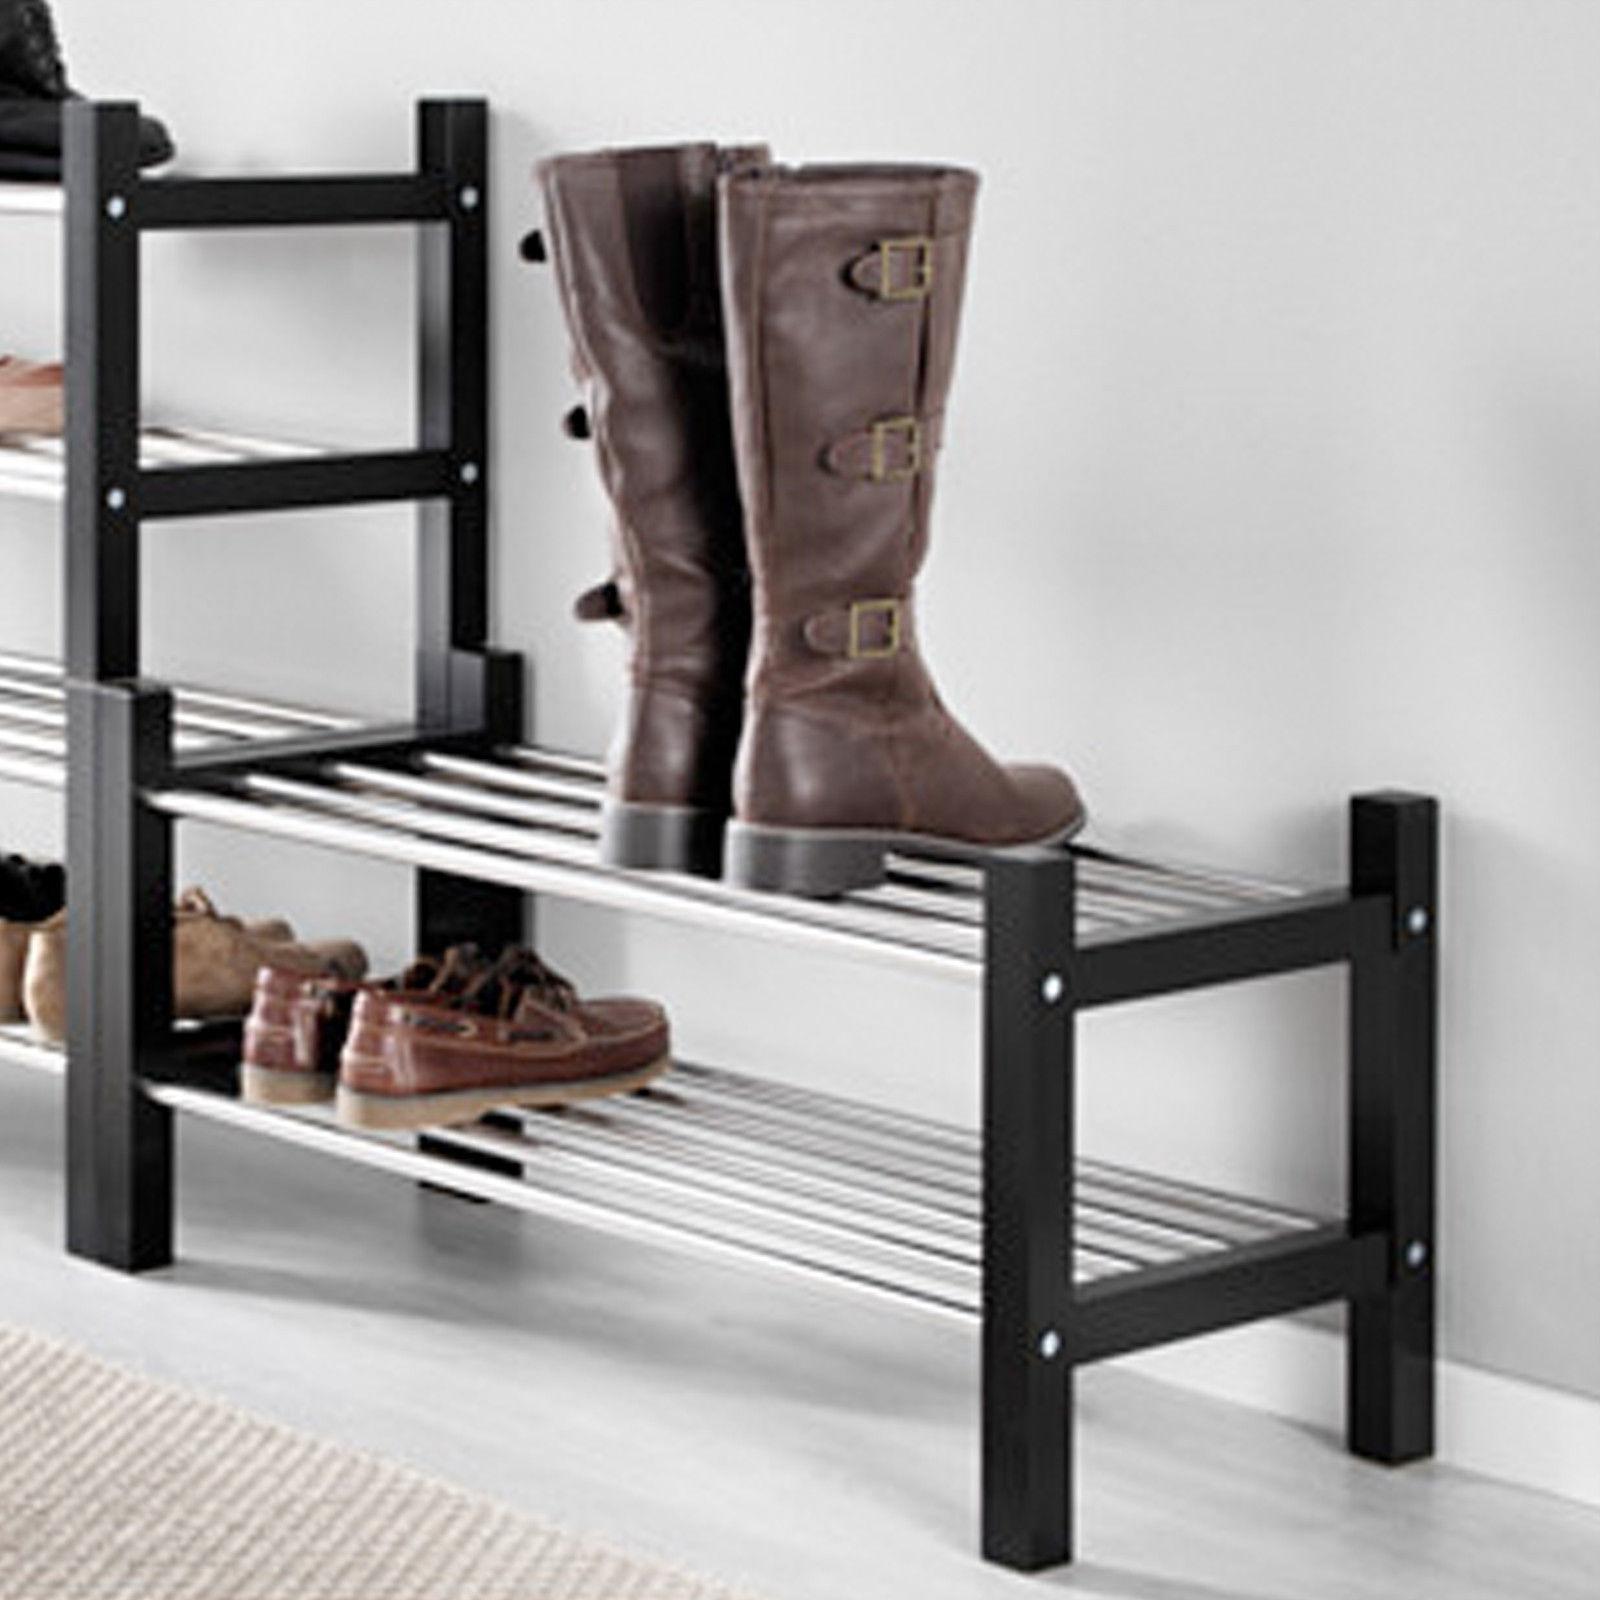 IKEA TJUSIG Schuhaufbewahrung schwarz Schuhregal Flurregal Handtuchablage NEU  Traumfabrik XXL